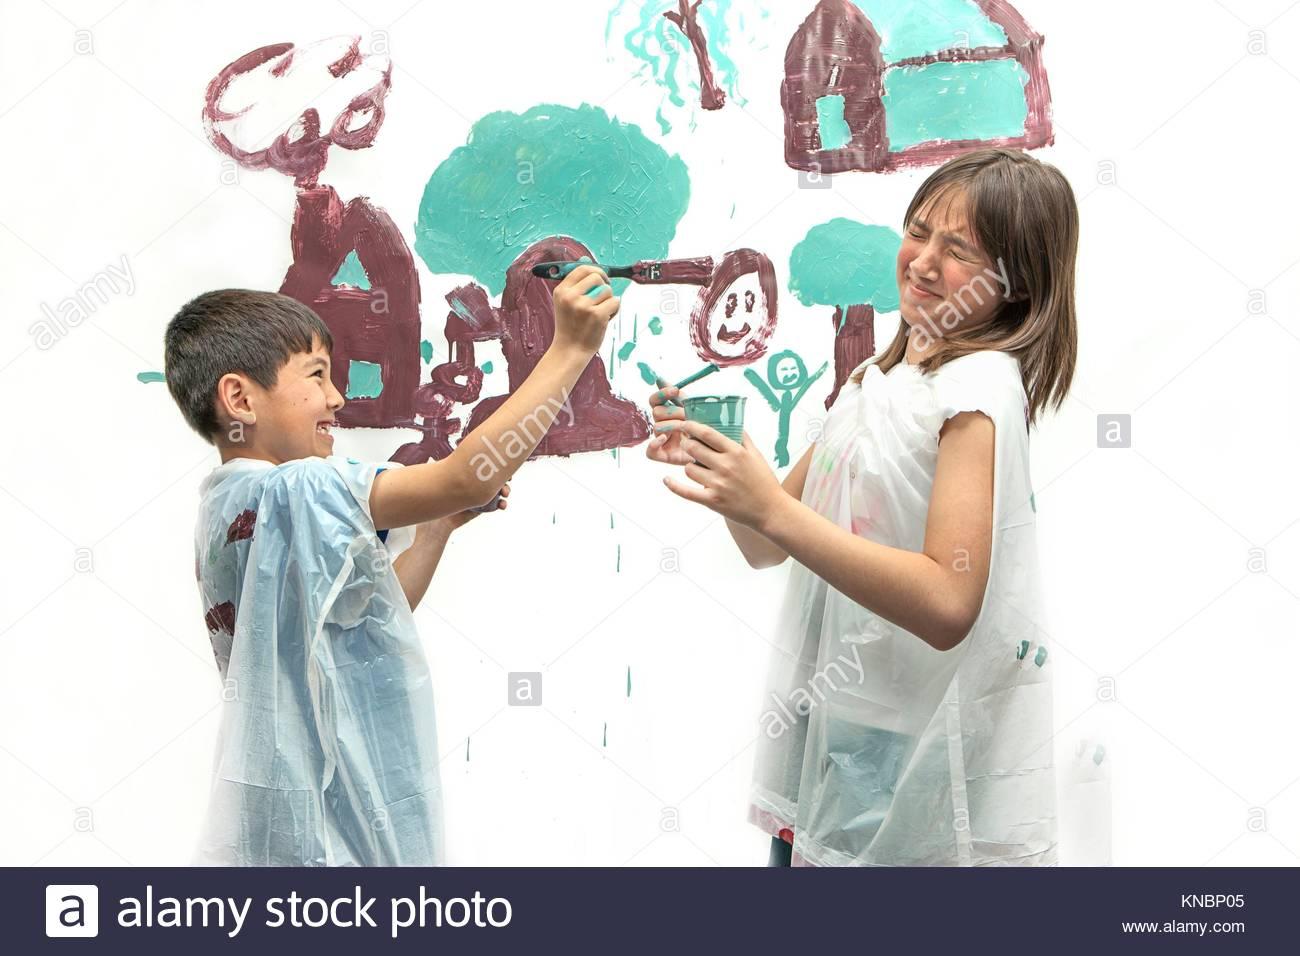 Painting A Picture Imágenes De Stock & Painting A Picture Fotos De ...